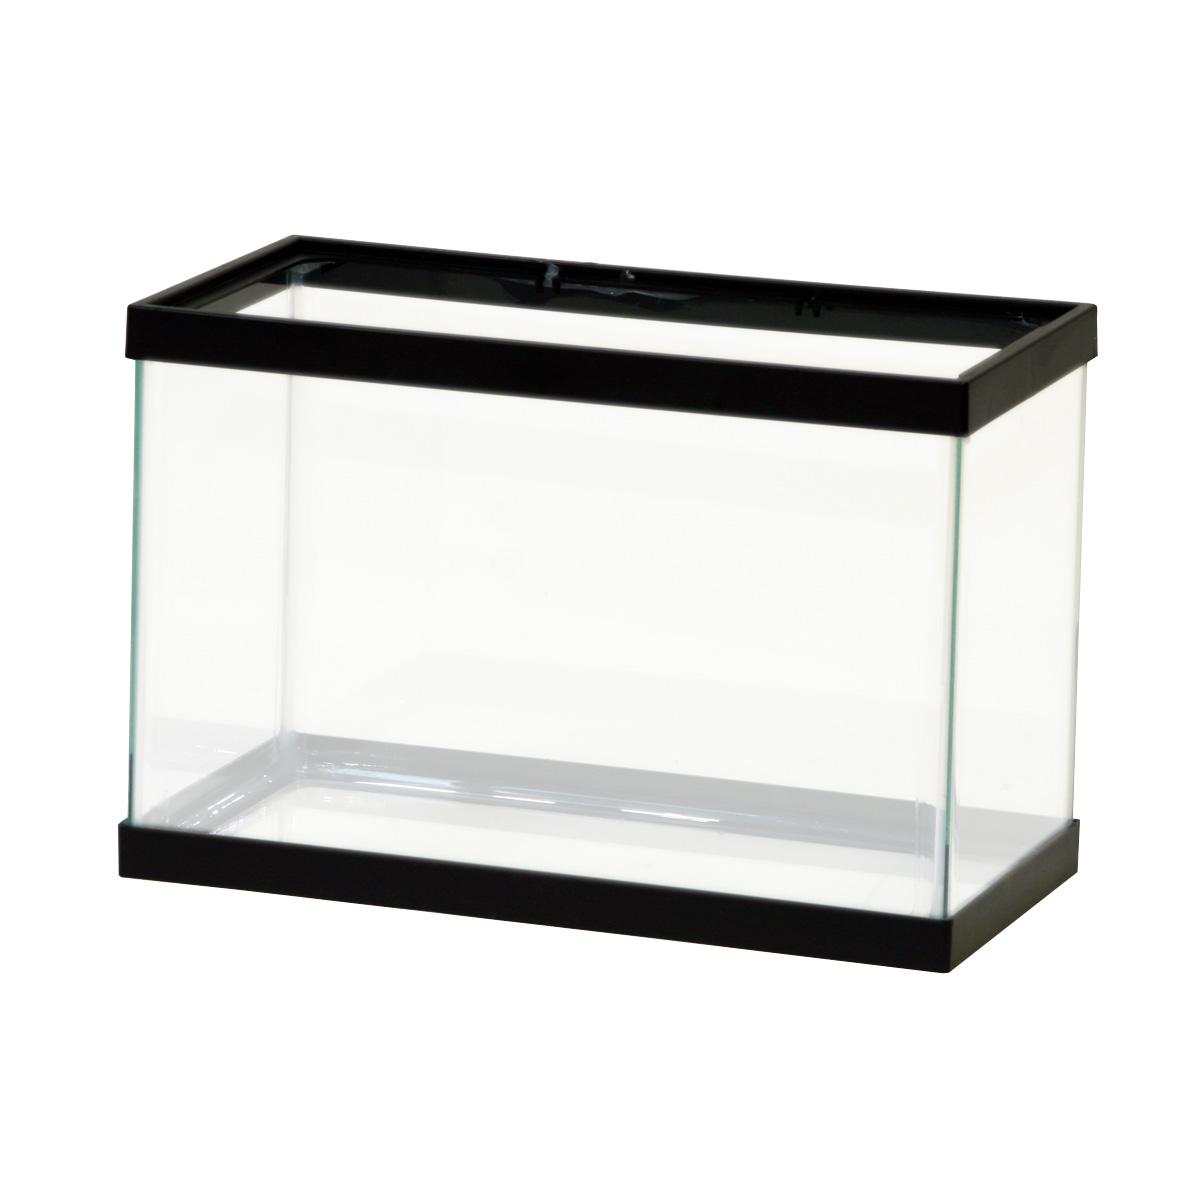 Aquarium clipart empty square aquarium. Standard dimensions chart and